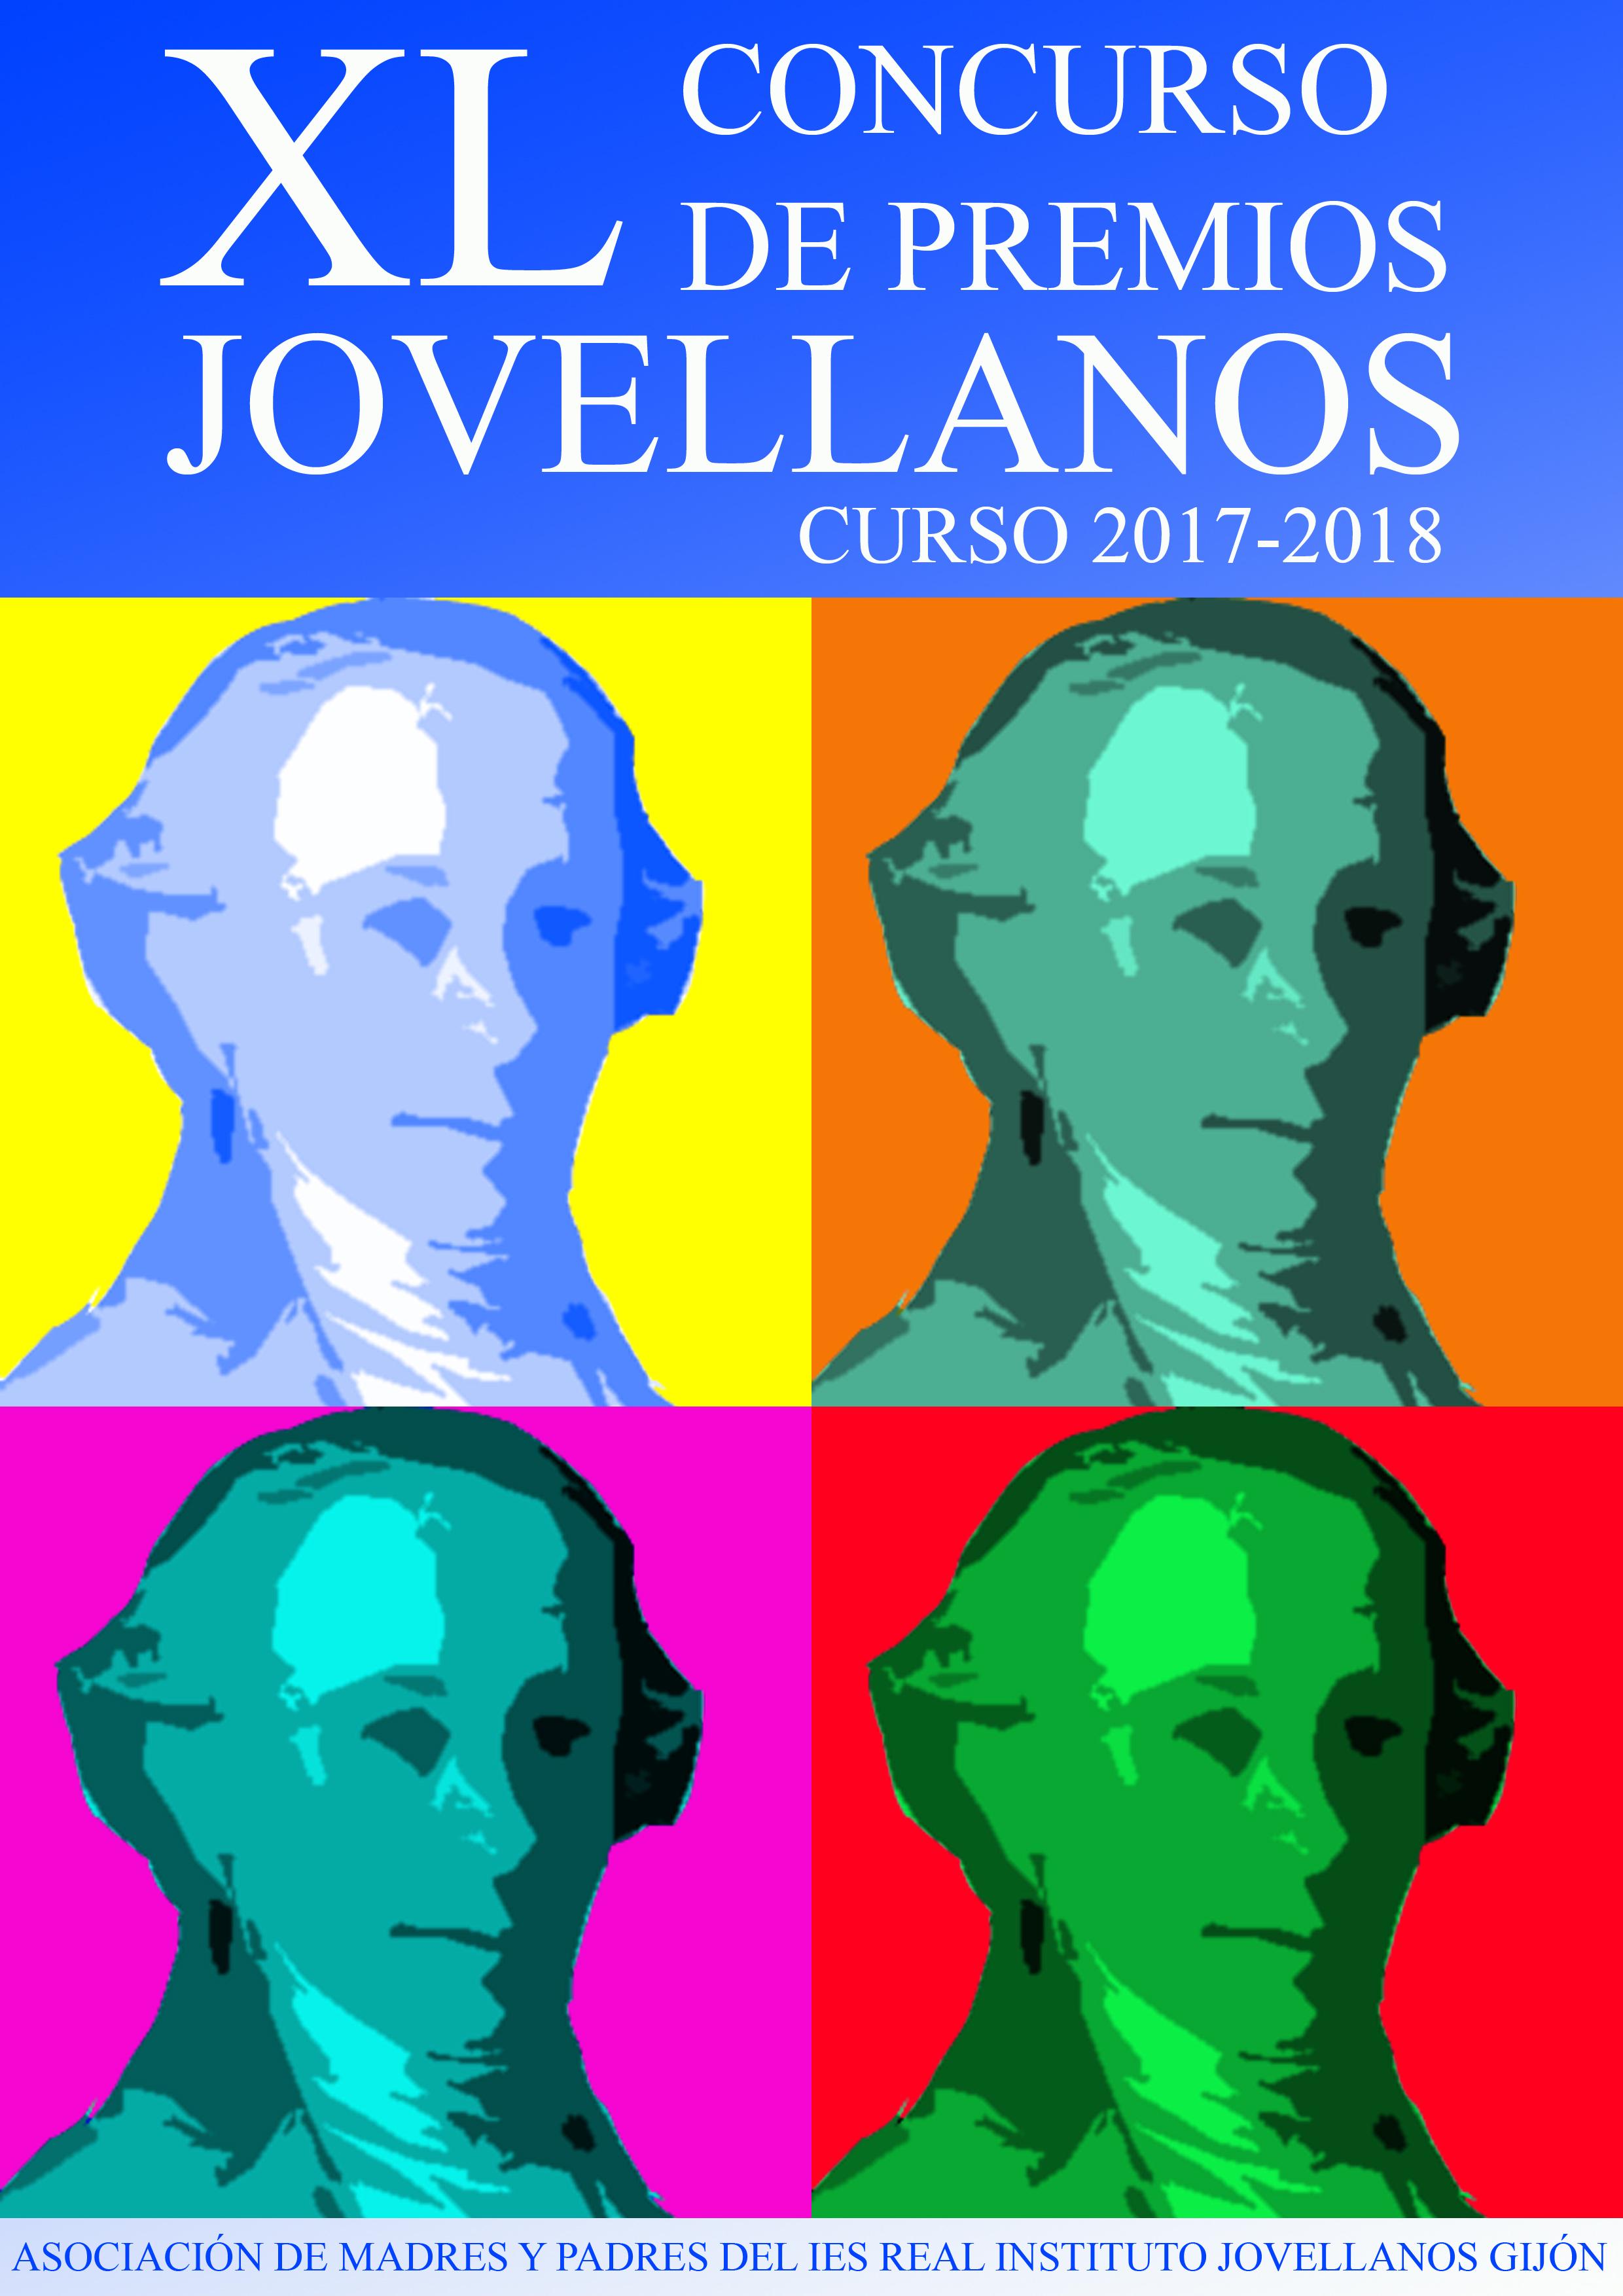 XL Concurso de Premios Jovellanos (Creación Literaria, Dibujo y Pintura y Fotografía)